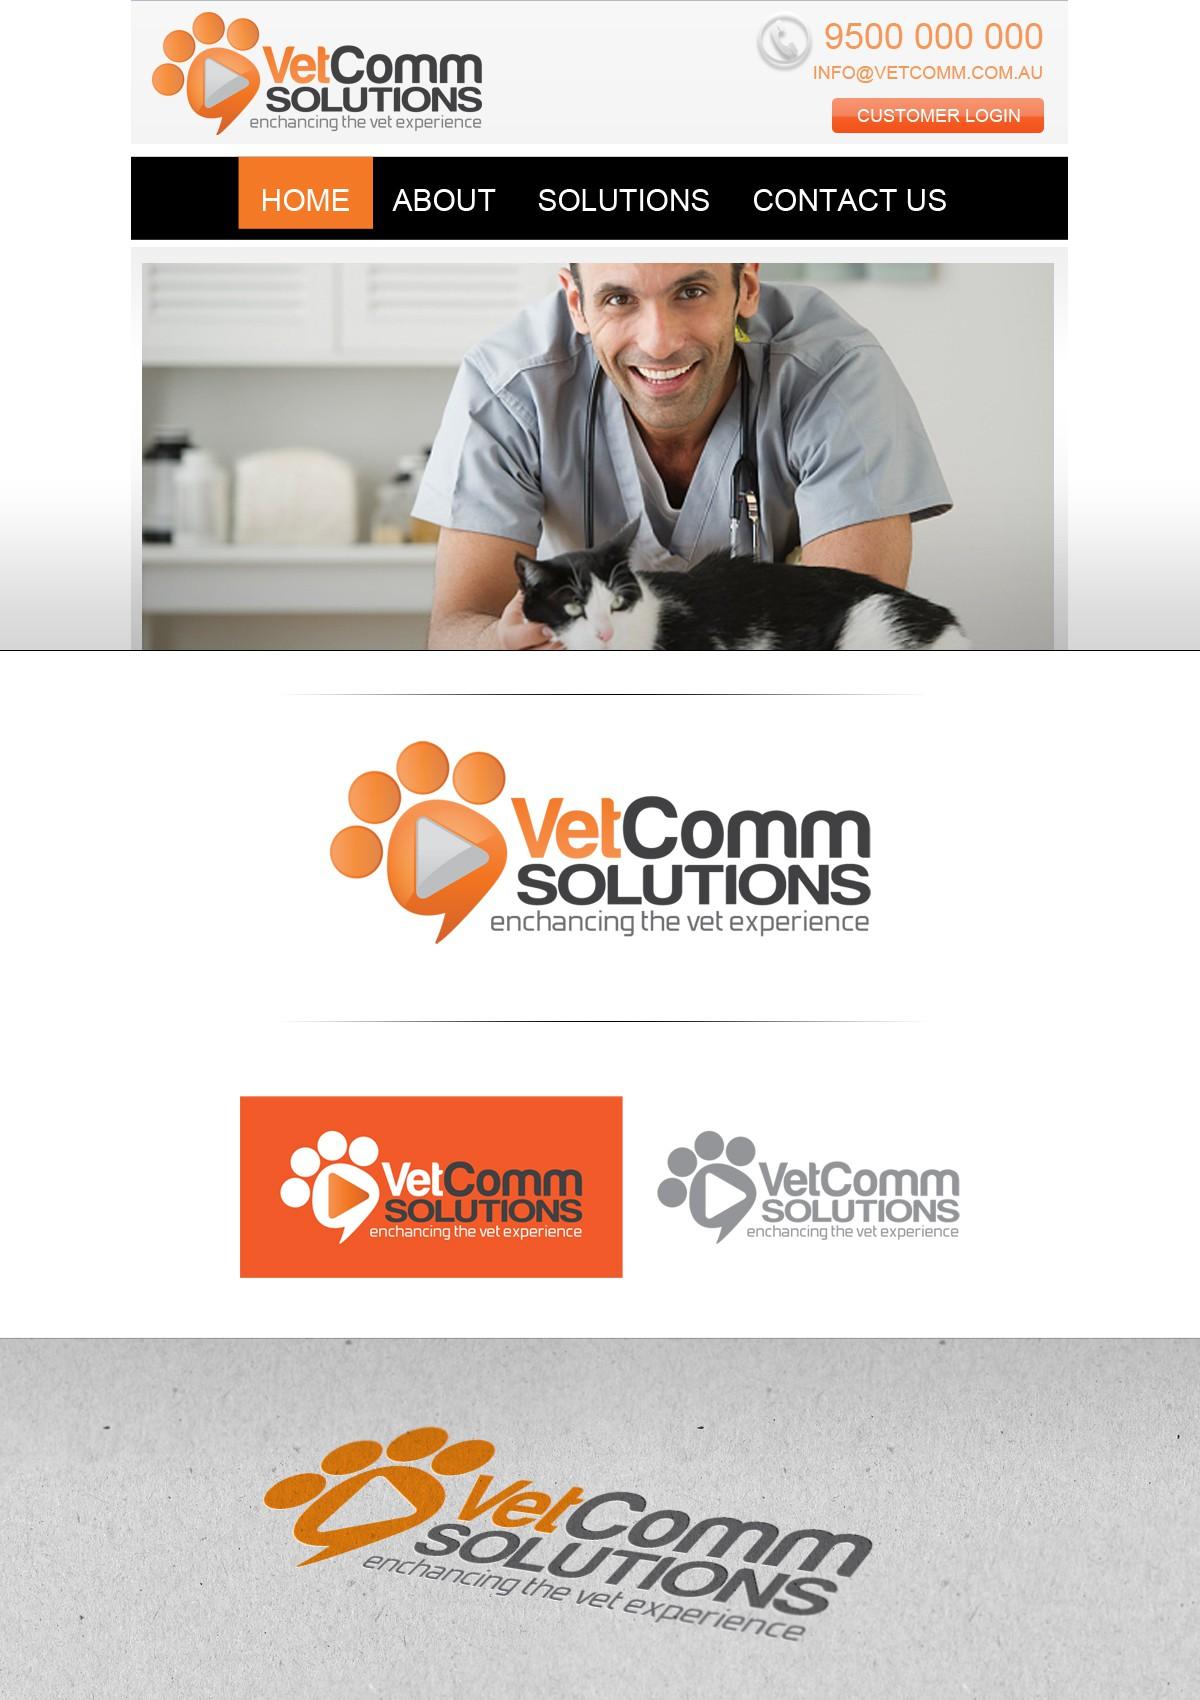 logo for VetComm Solutions